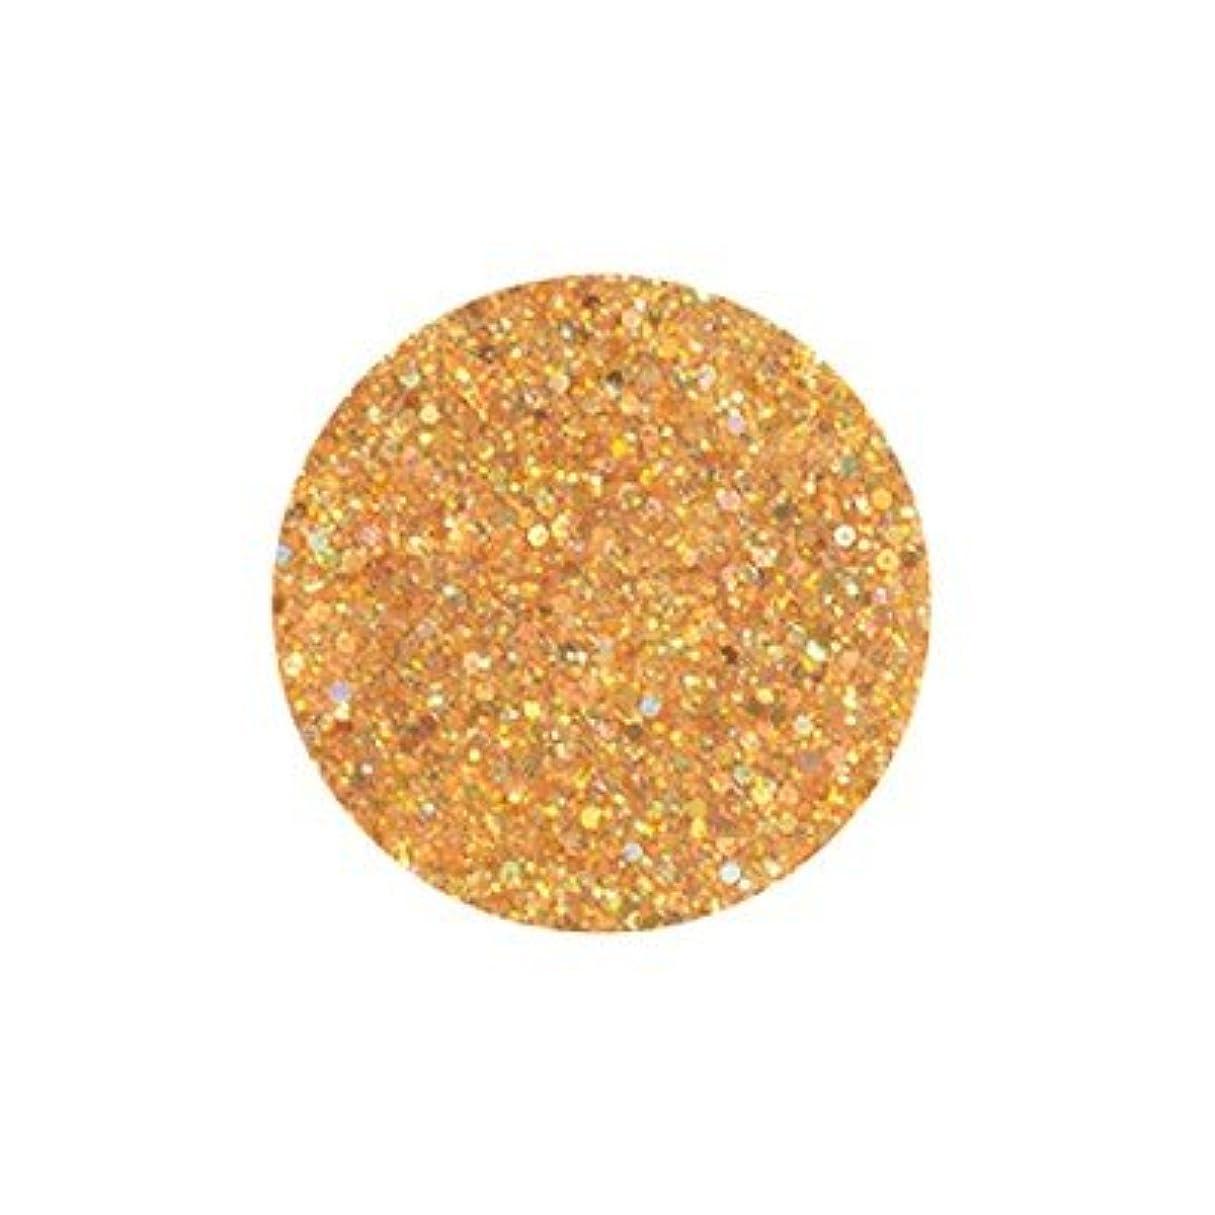 家事因子天皇FANTASY NAIL ダイヤモンドコレクション 3g 4254XS カラーパウダー アート材